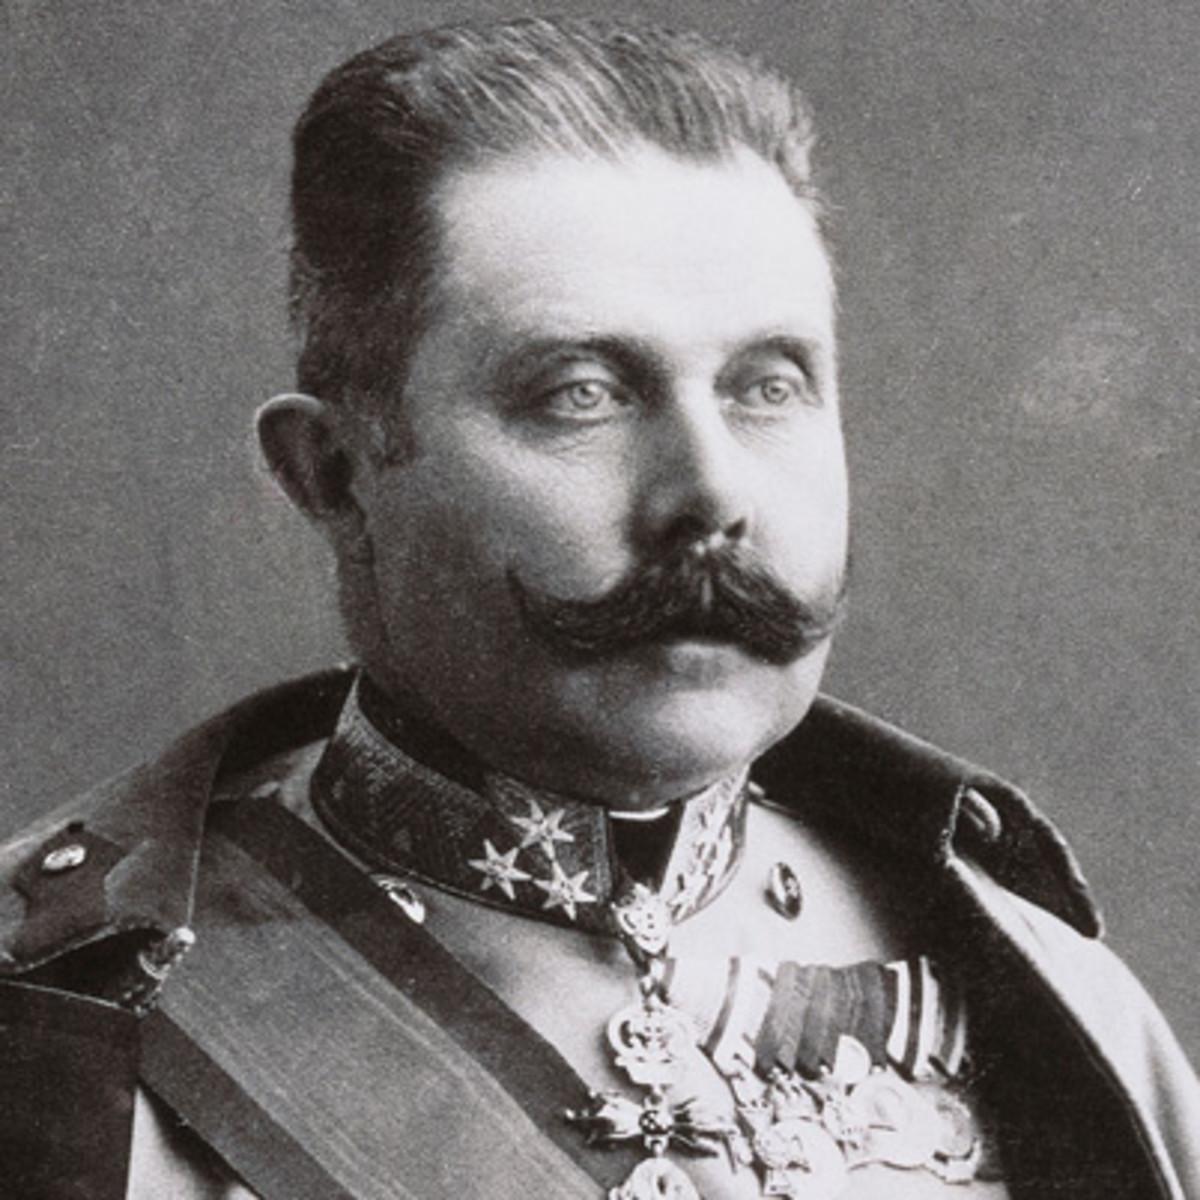 Archduke Franz Ferdinand's death